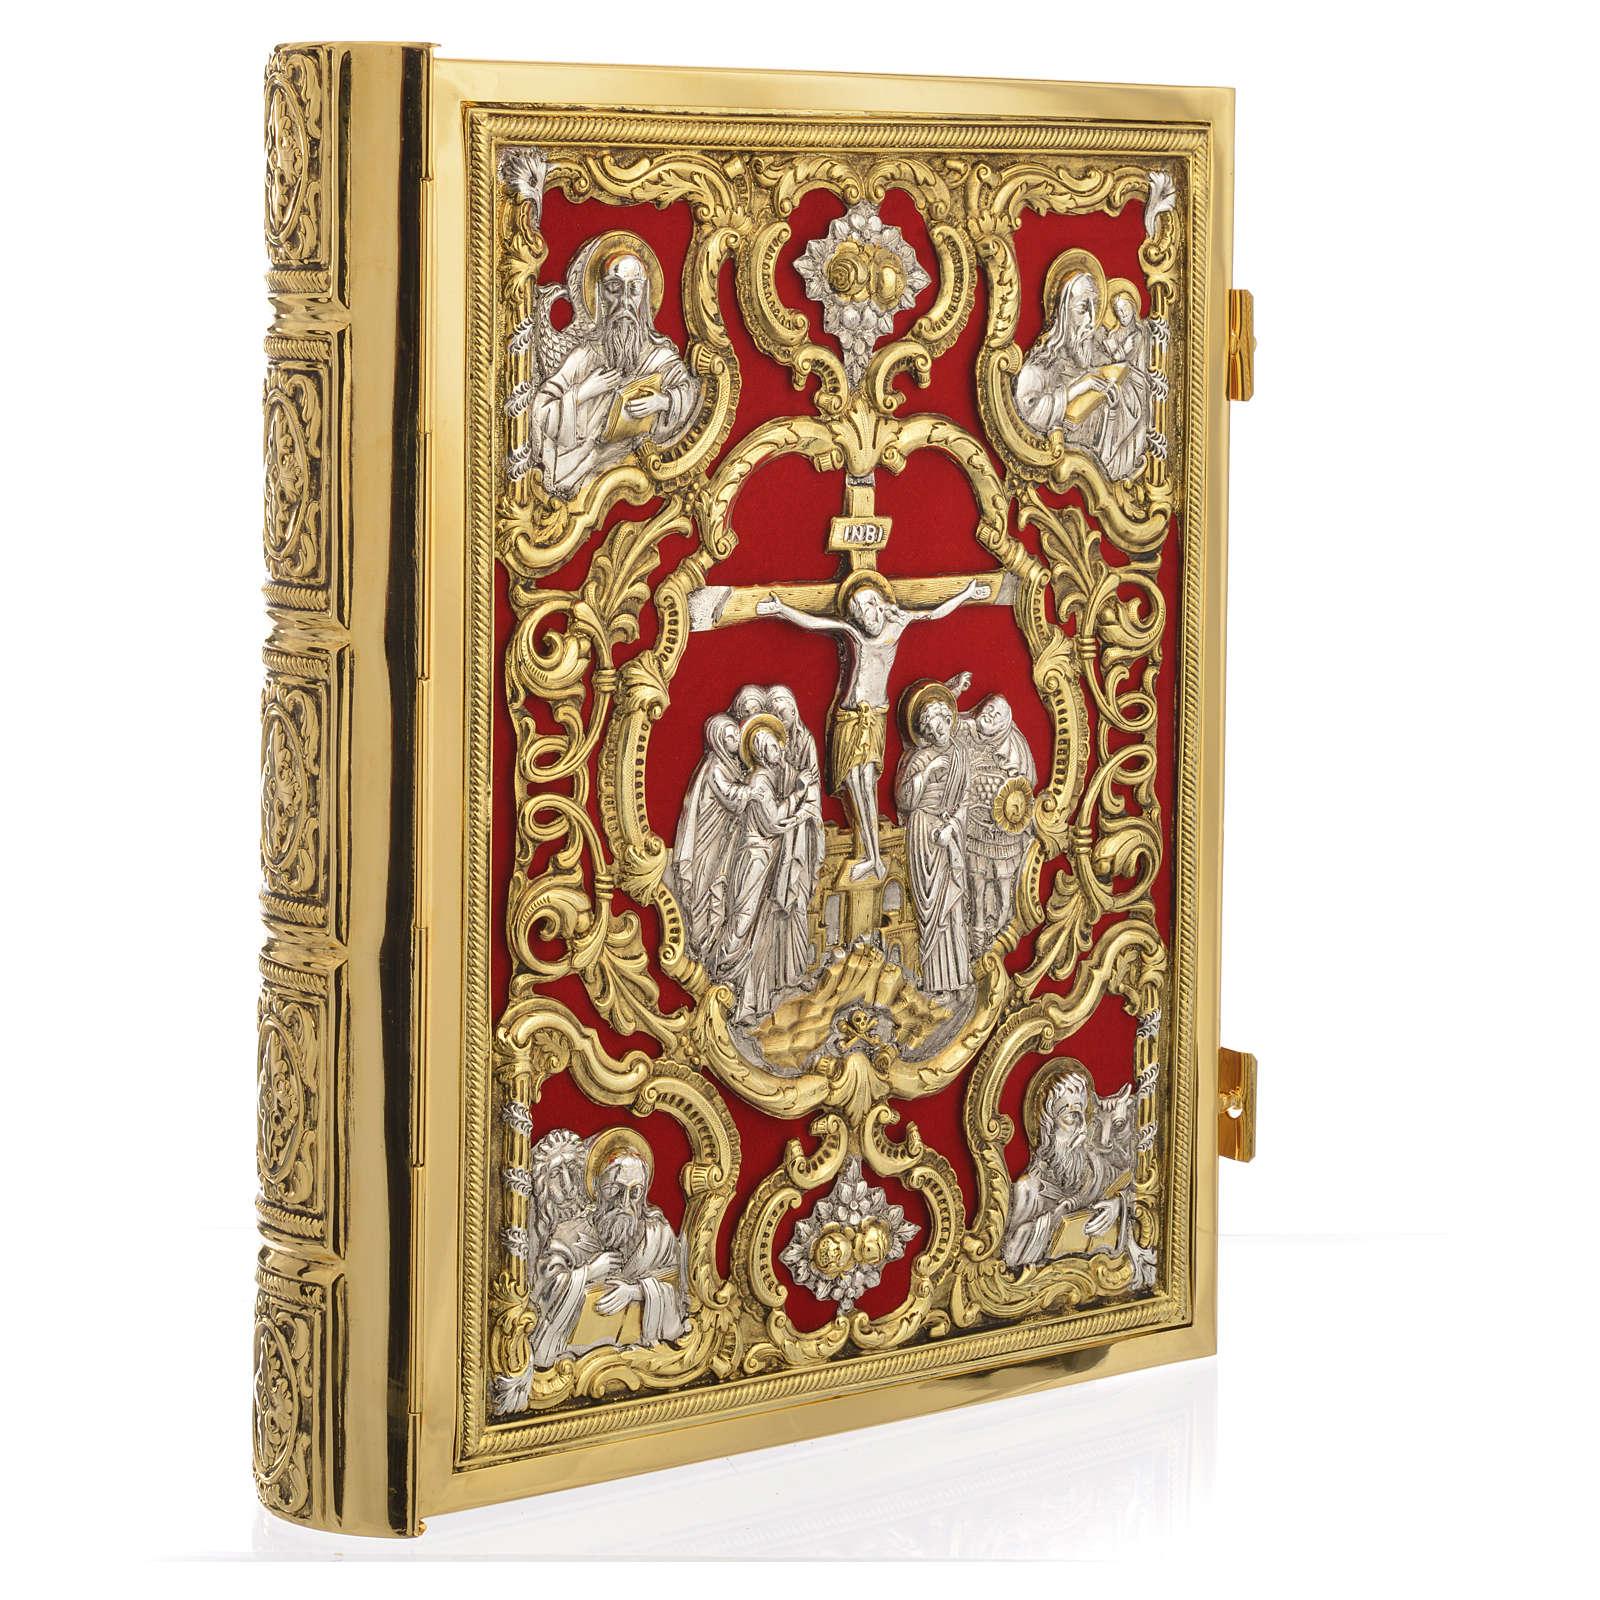 Coprilezionario ottone dorato Gesù Crocifisso 4